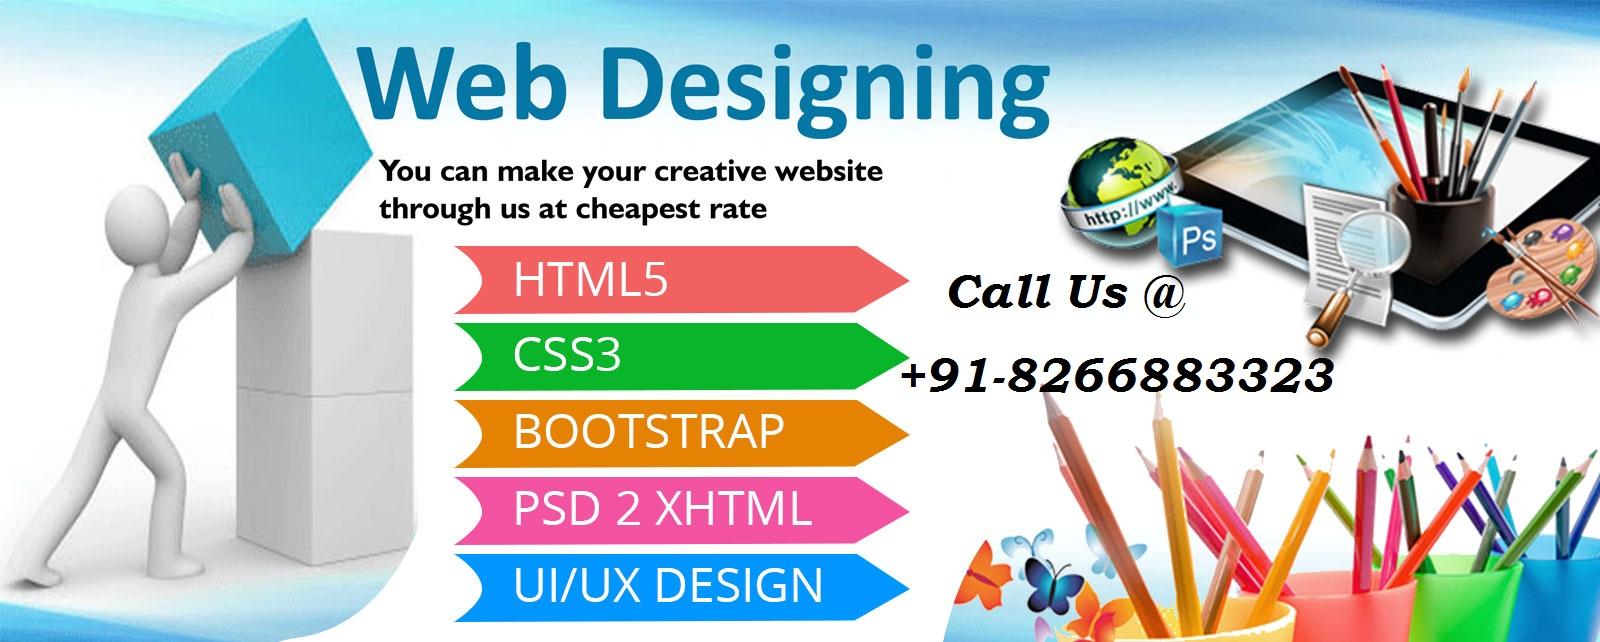 Website designing company in Meerut,Web Designing Company in Meerut